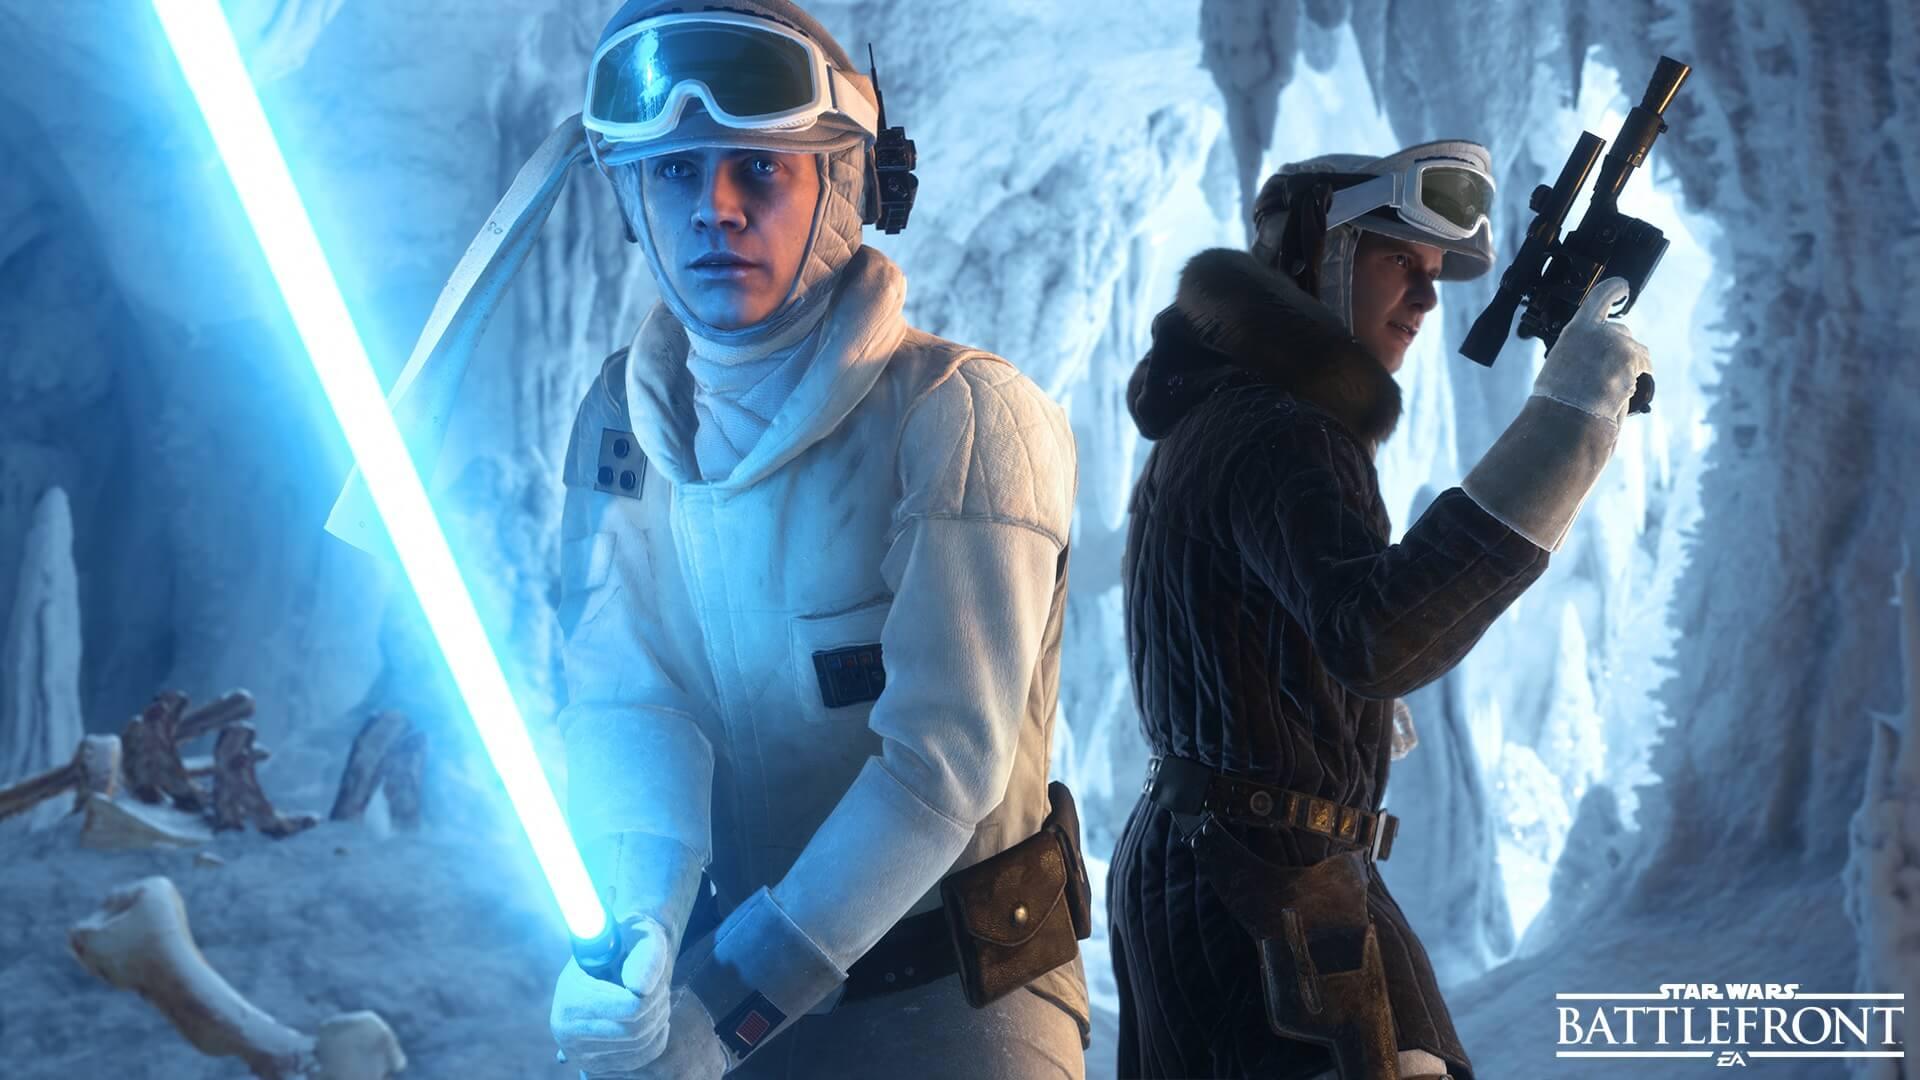 Star Wars Battlefront: Februar-Update kommt heute, bringt neue Karte und Mission